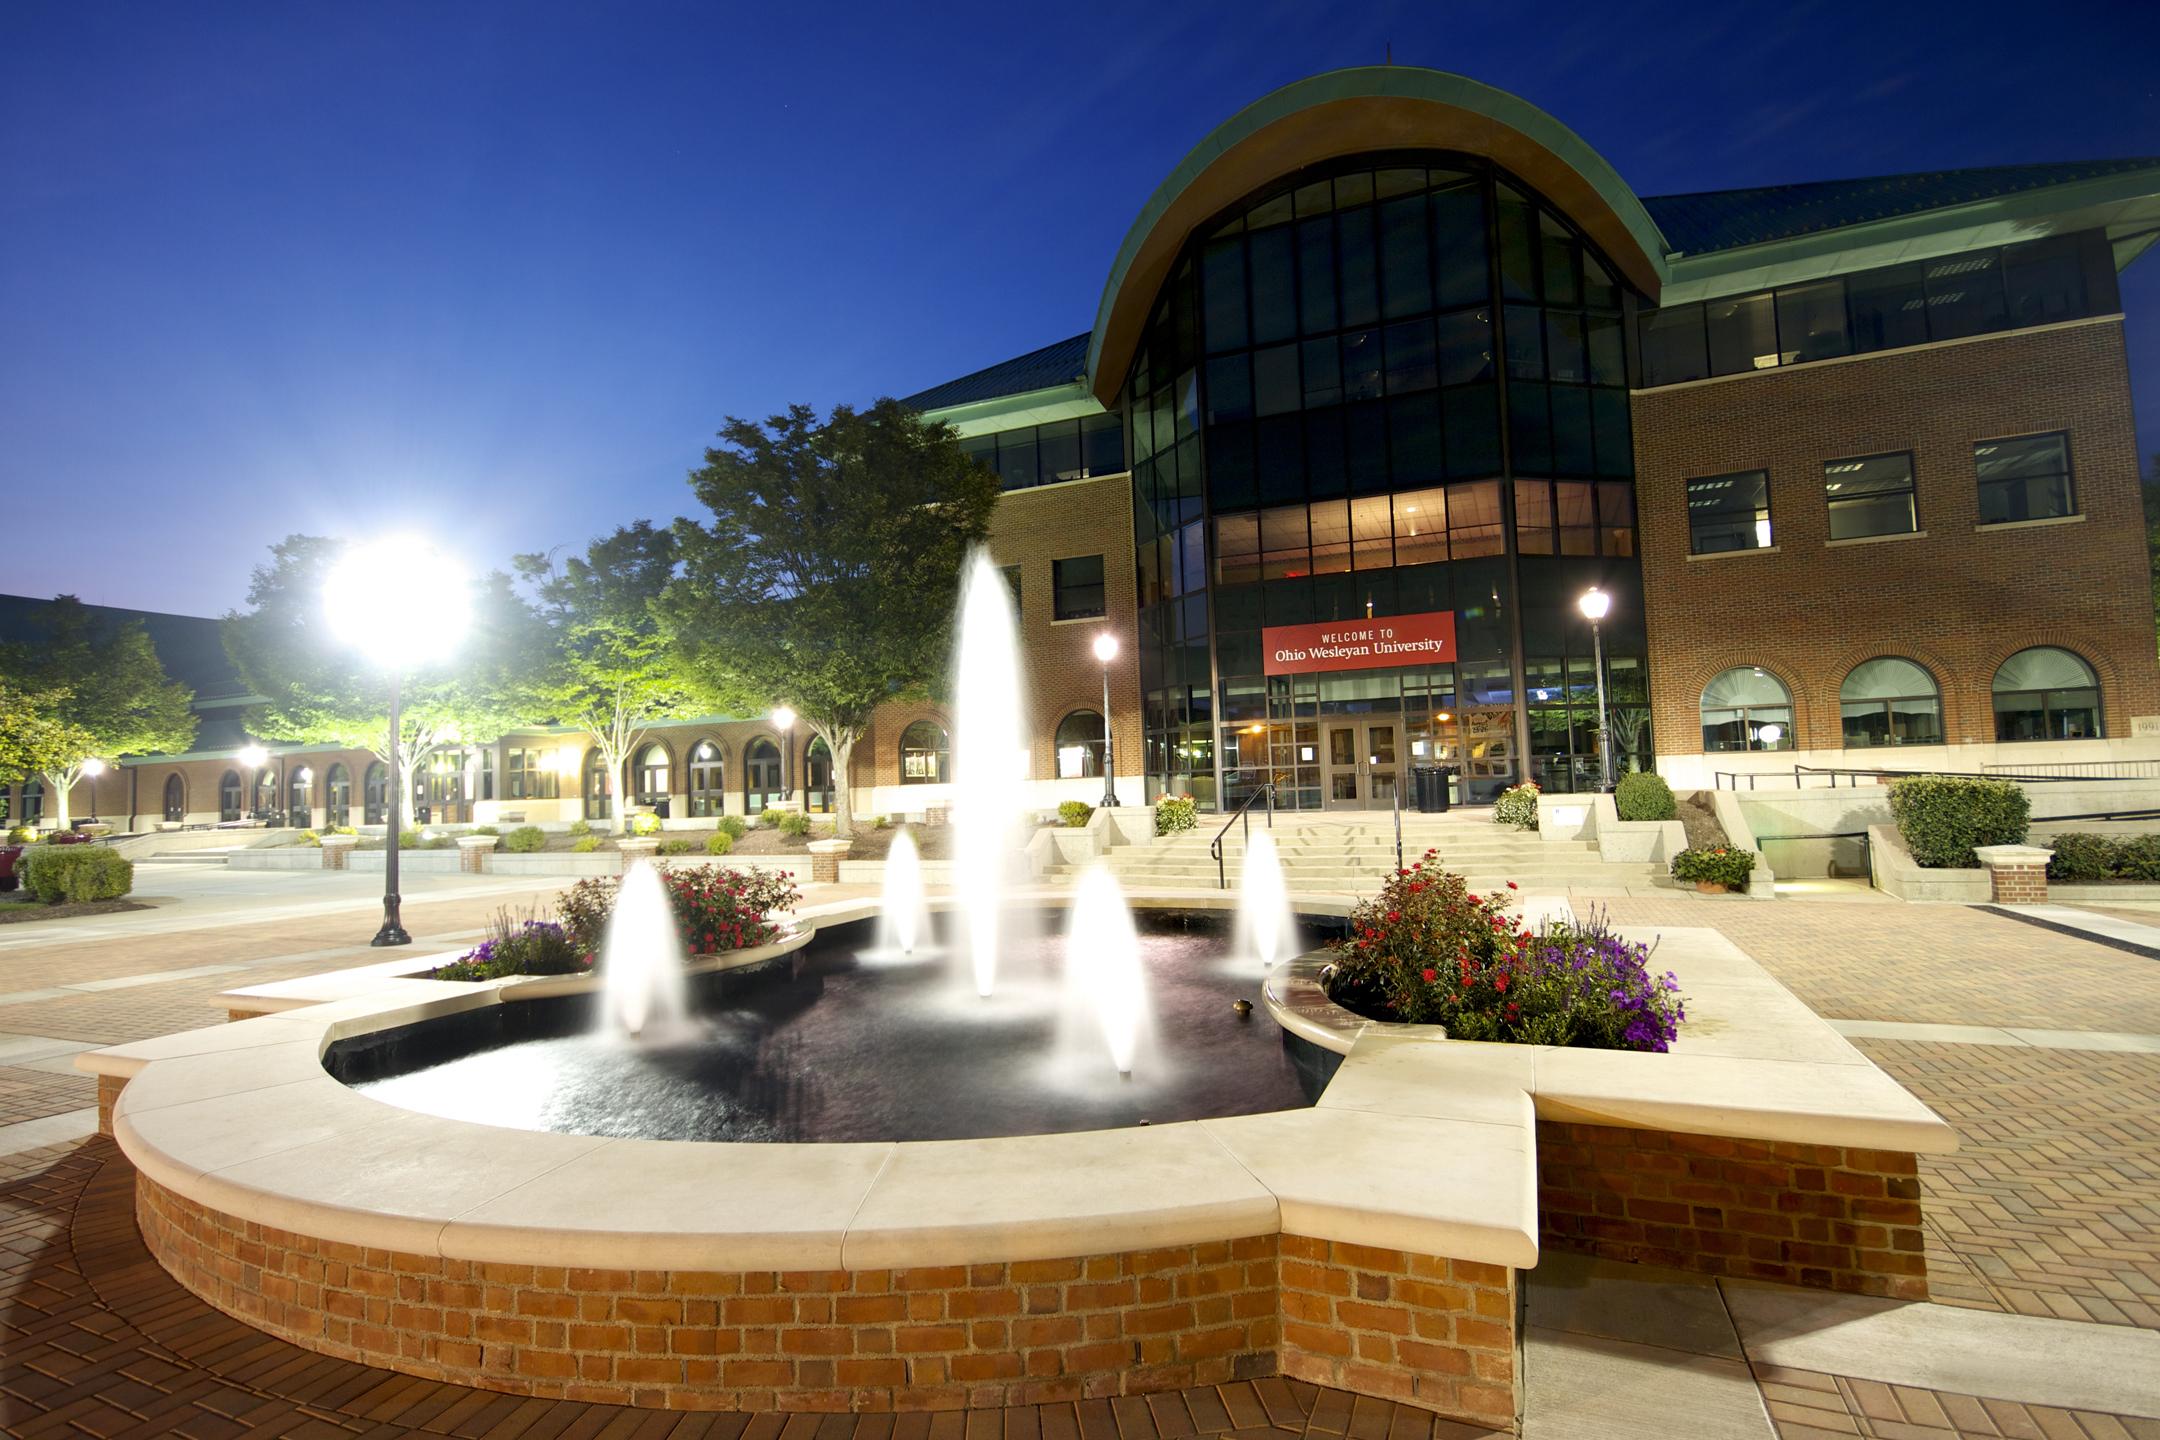 Ohio wesleyan university fountain